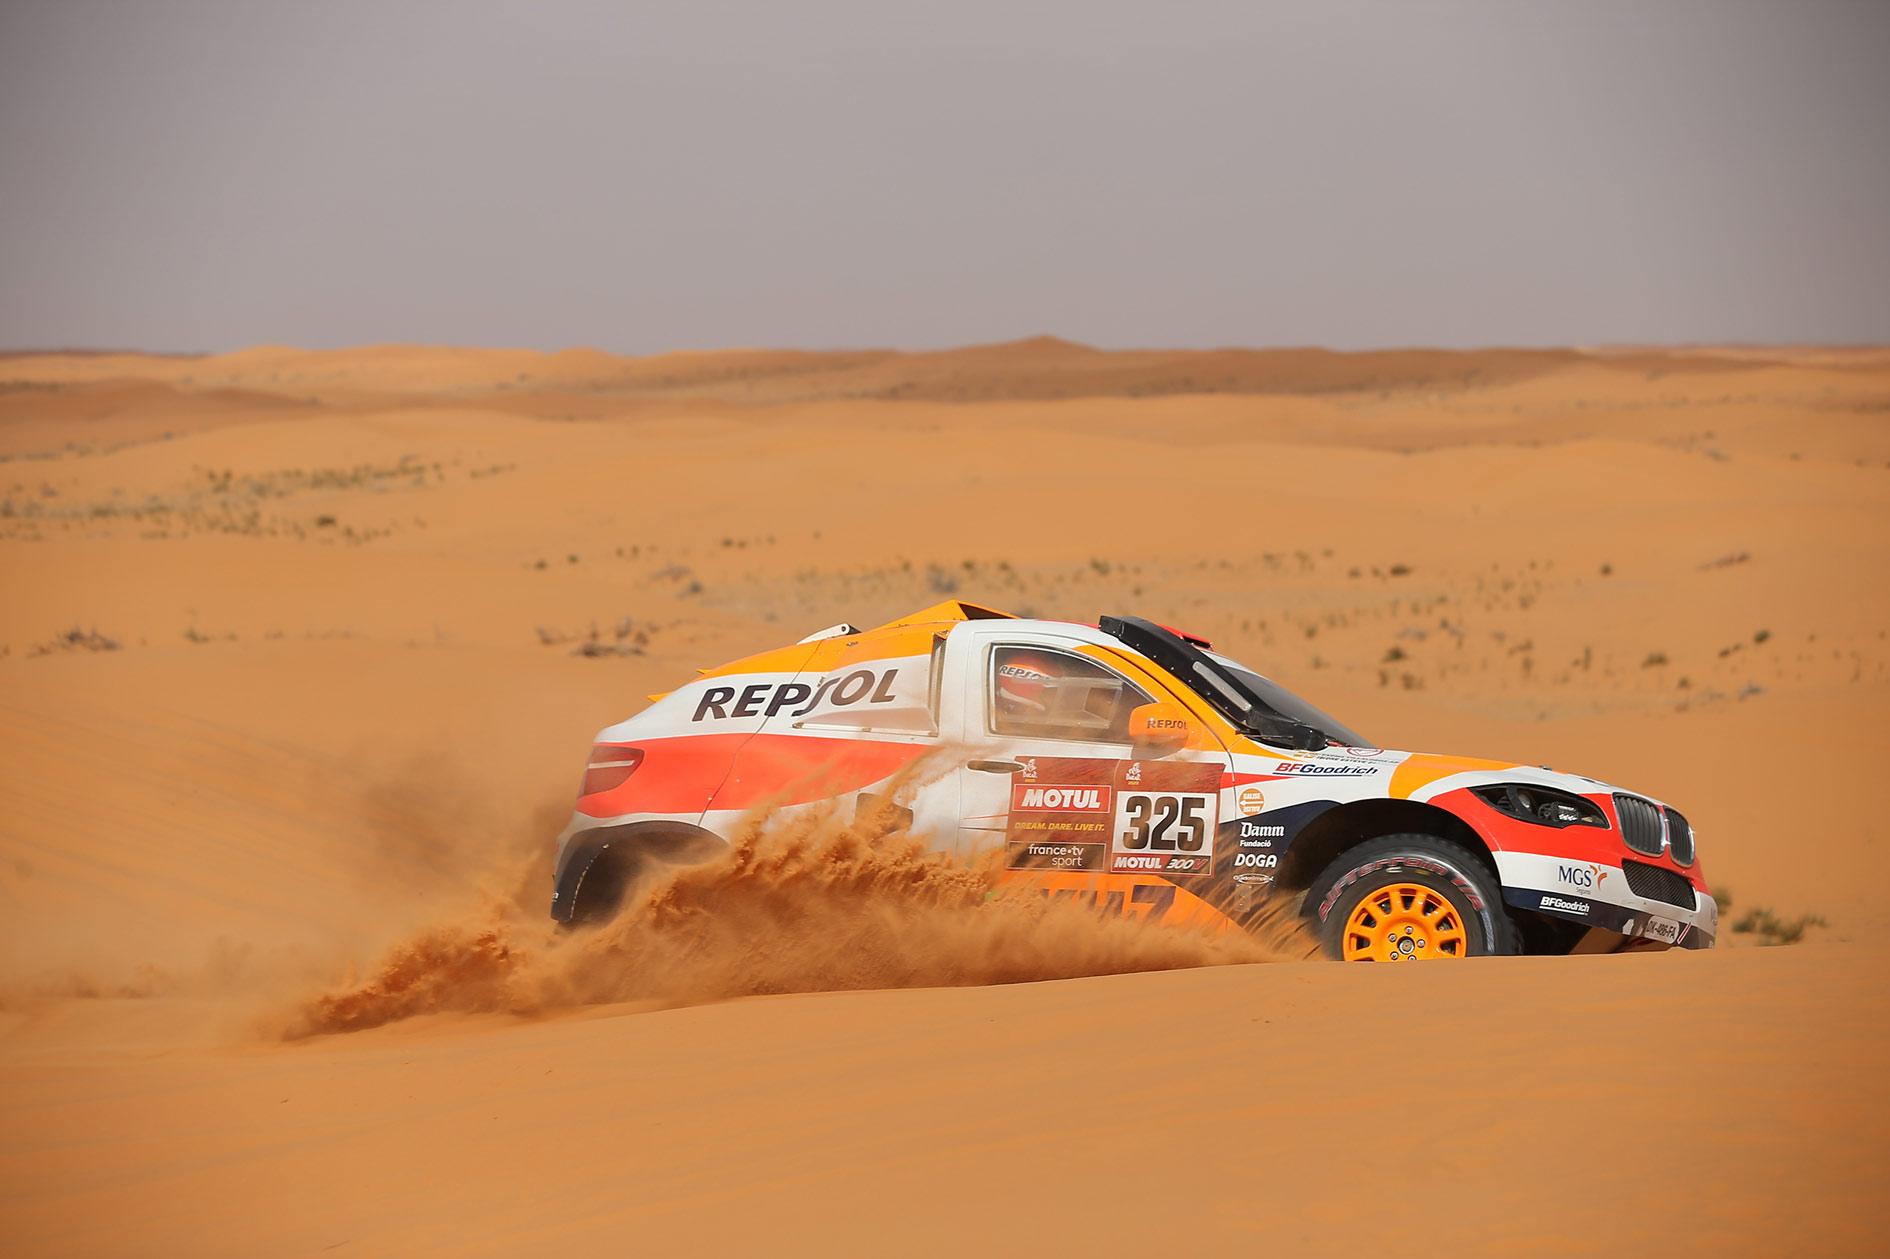 El Repsol Rally team compite en el Dakar 2020